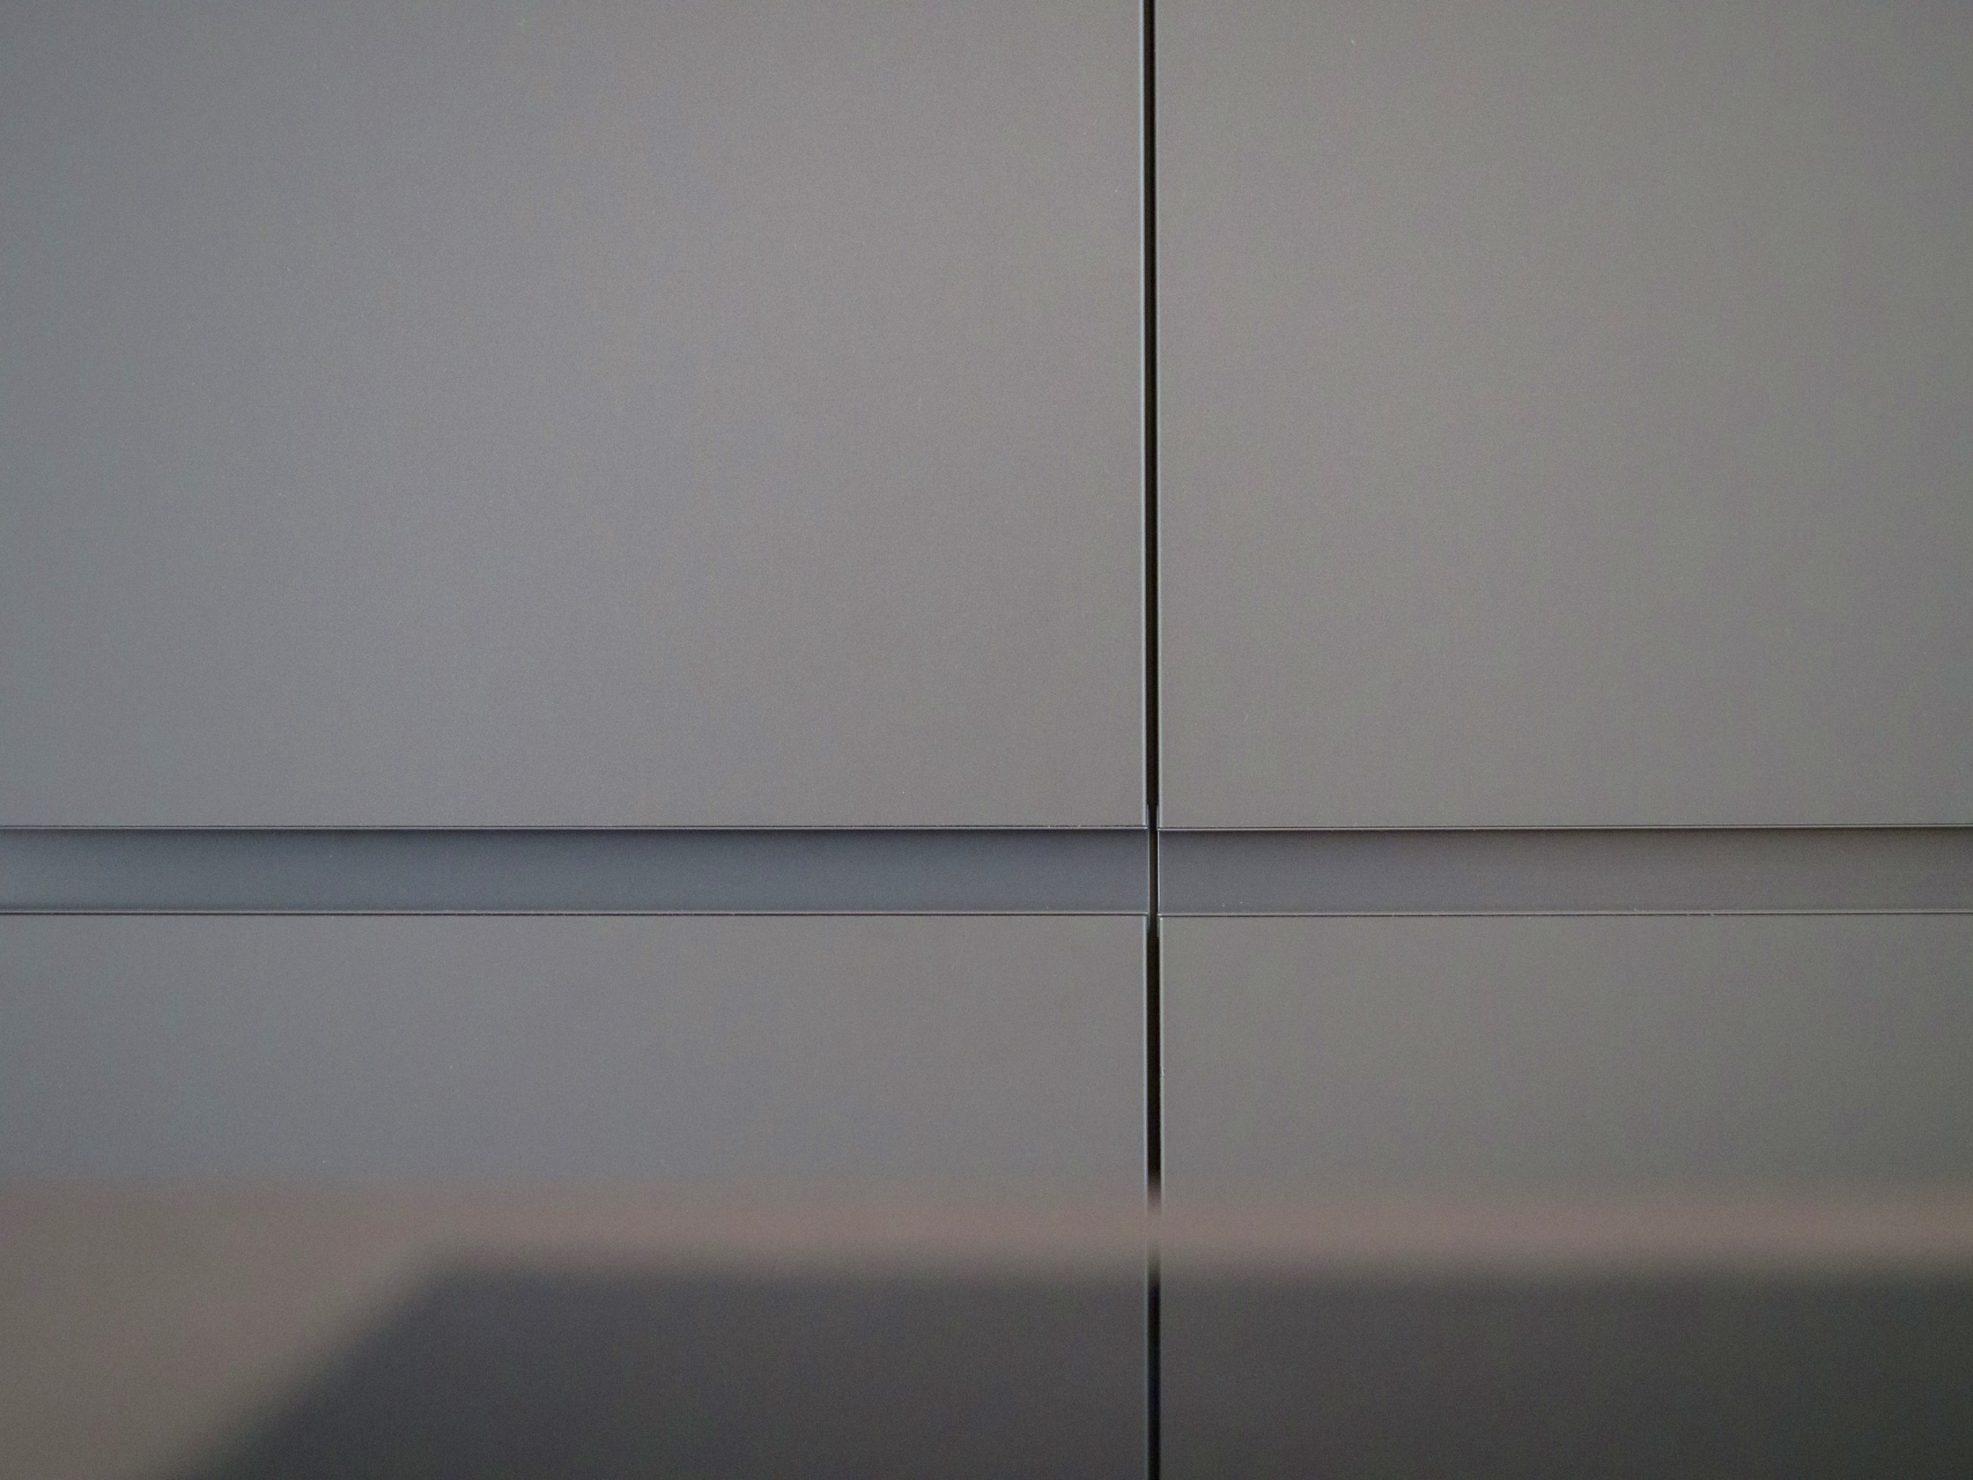 Offene Wohnkueche Carbongrau Grifflos Dekton Keramikarbeitsplatte Bora Kochfeld Miele Einbaugeraete Nischenrueckwand Gefertigt Schreinerei Eiche Parkett 5